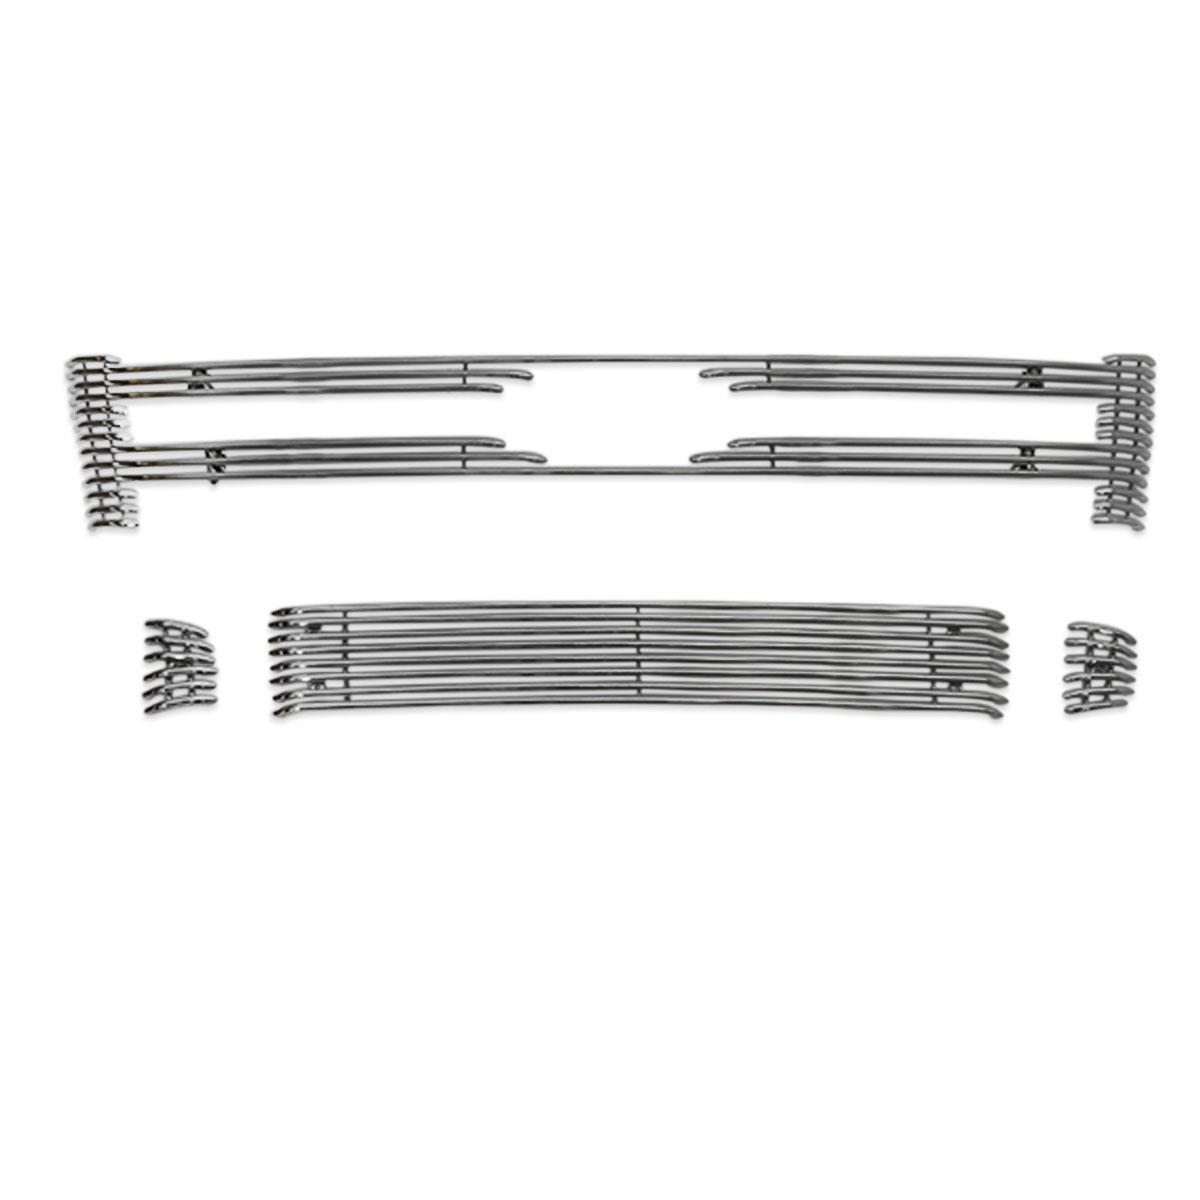 Sobre grade filetada em aço inox Nova Ranger 2013 a 2016 - kit 4 peças